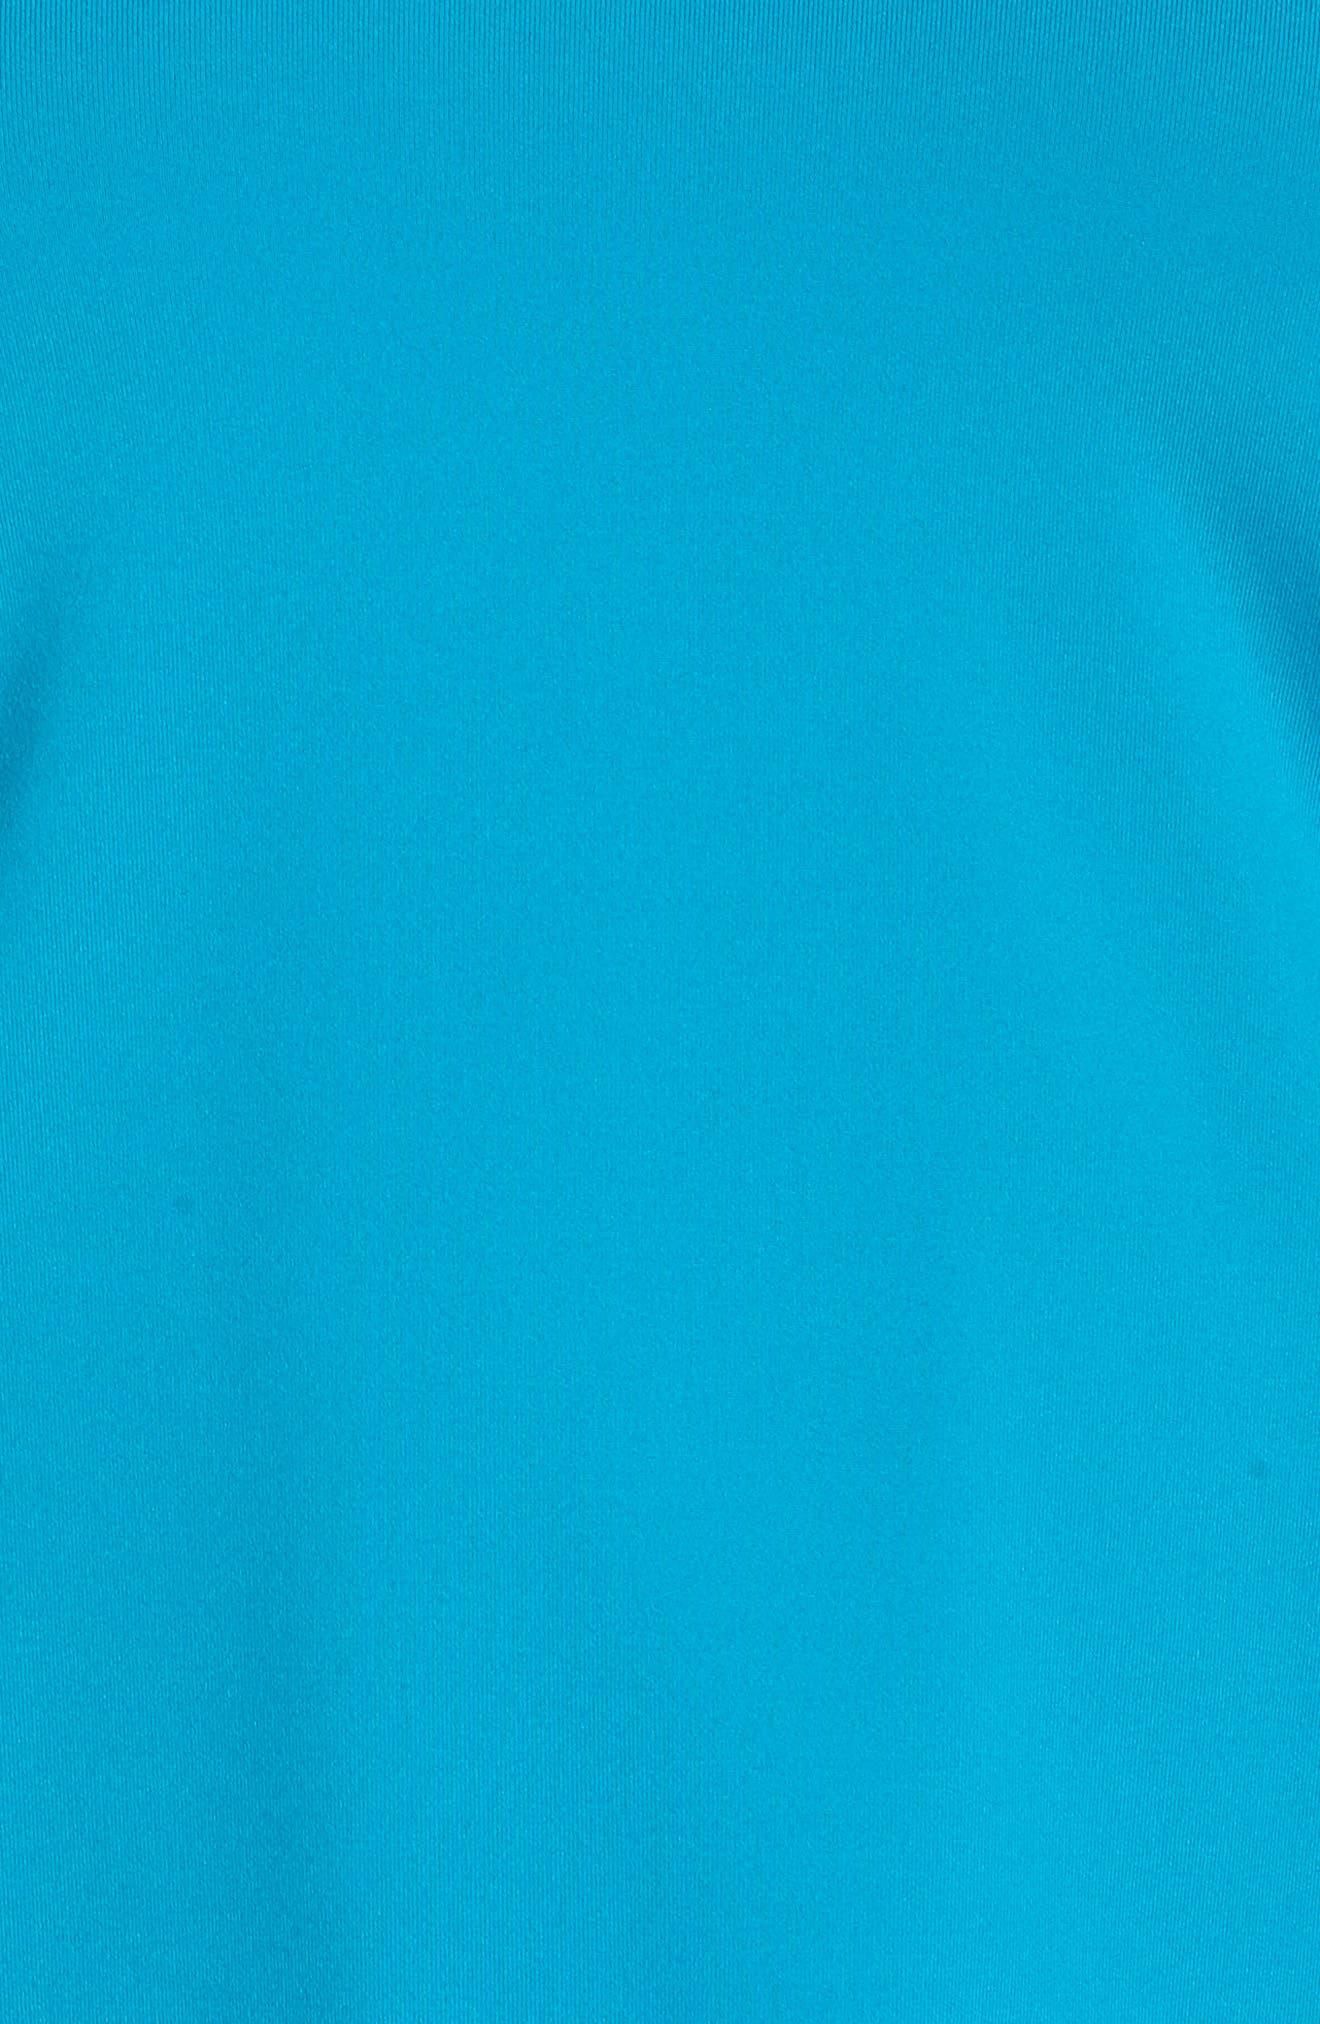 'Pure' Dri-FIT Racerback Tank,                             Alternate thumbnail 6, color,                             Neo Turquoise/ White